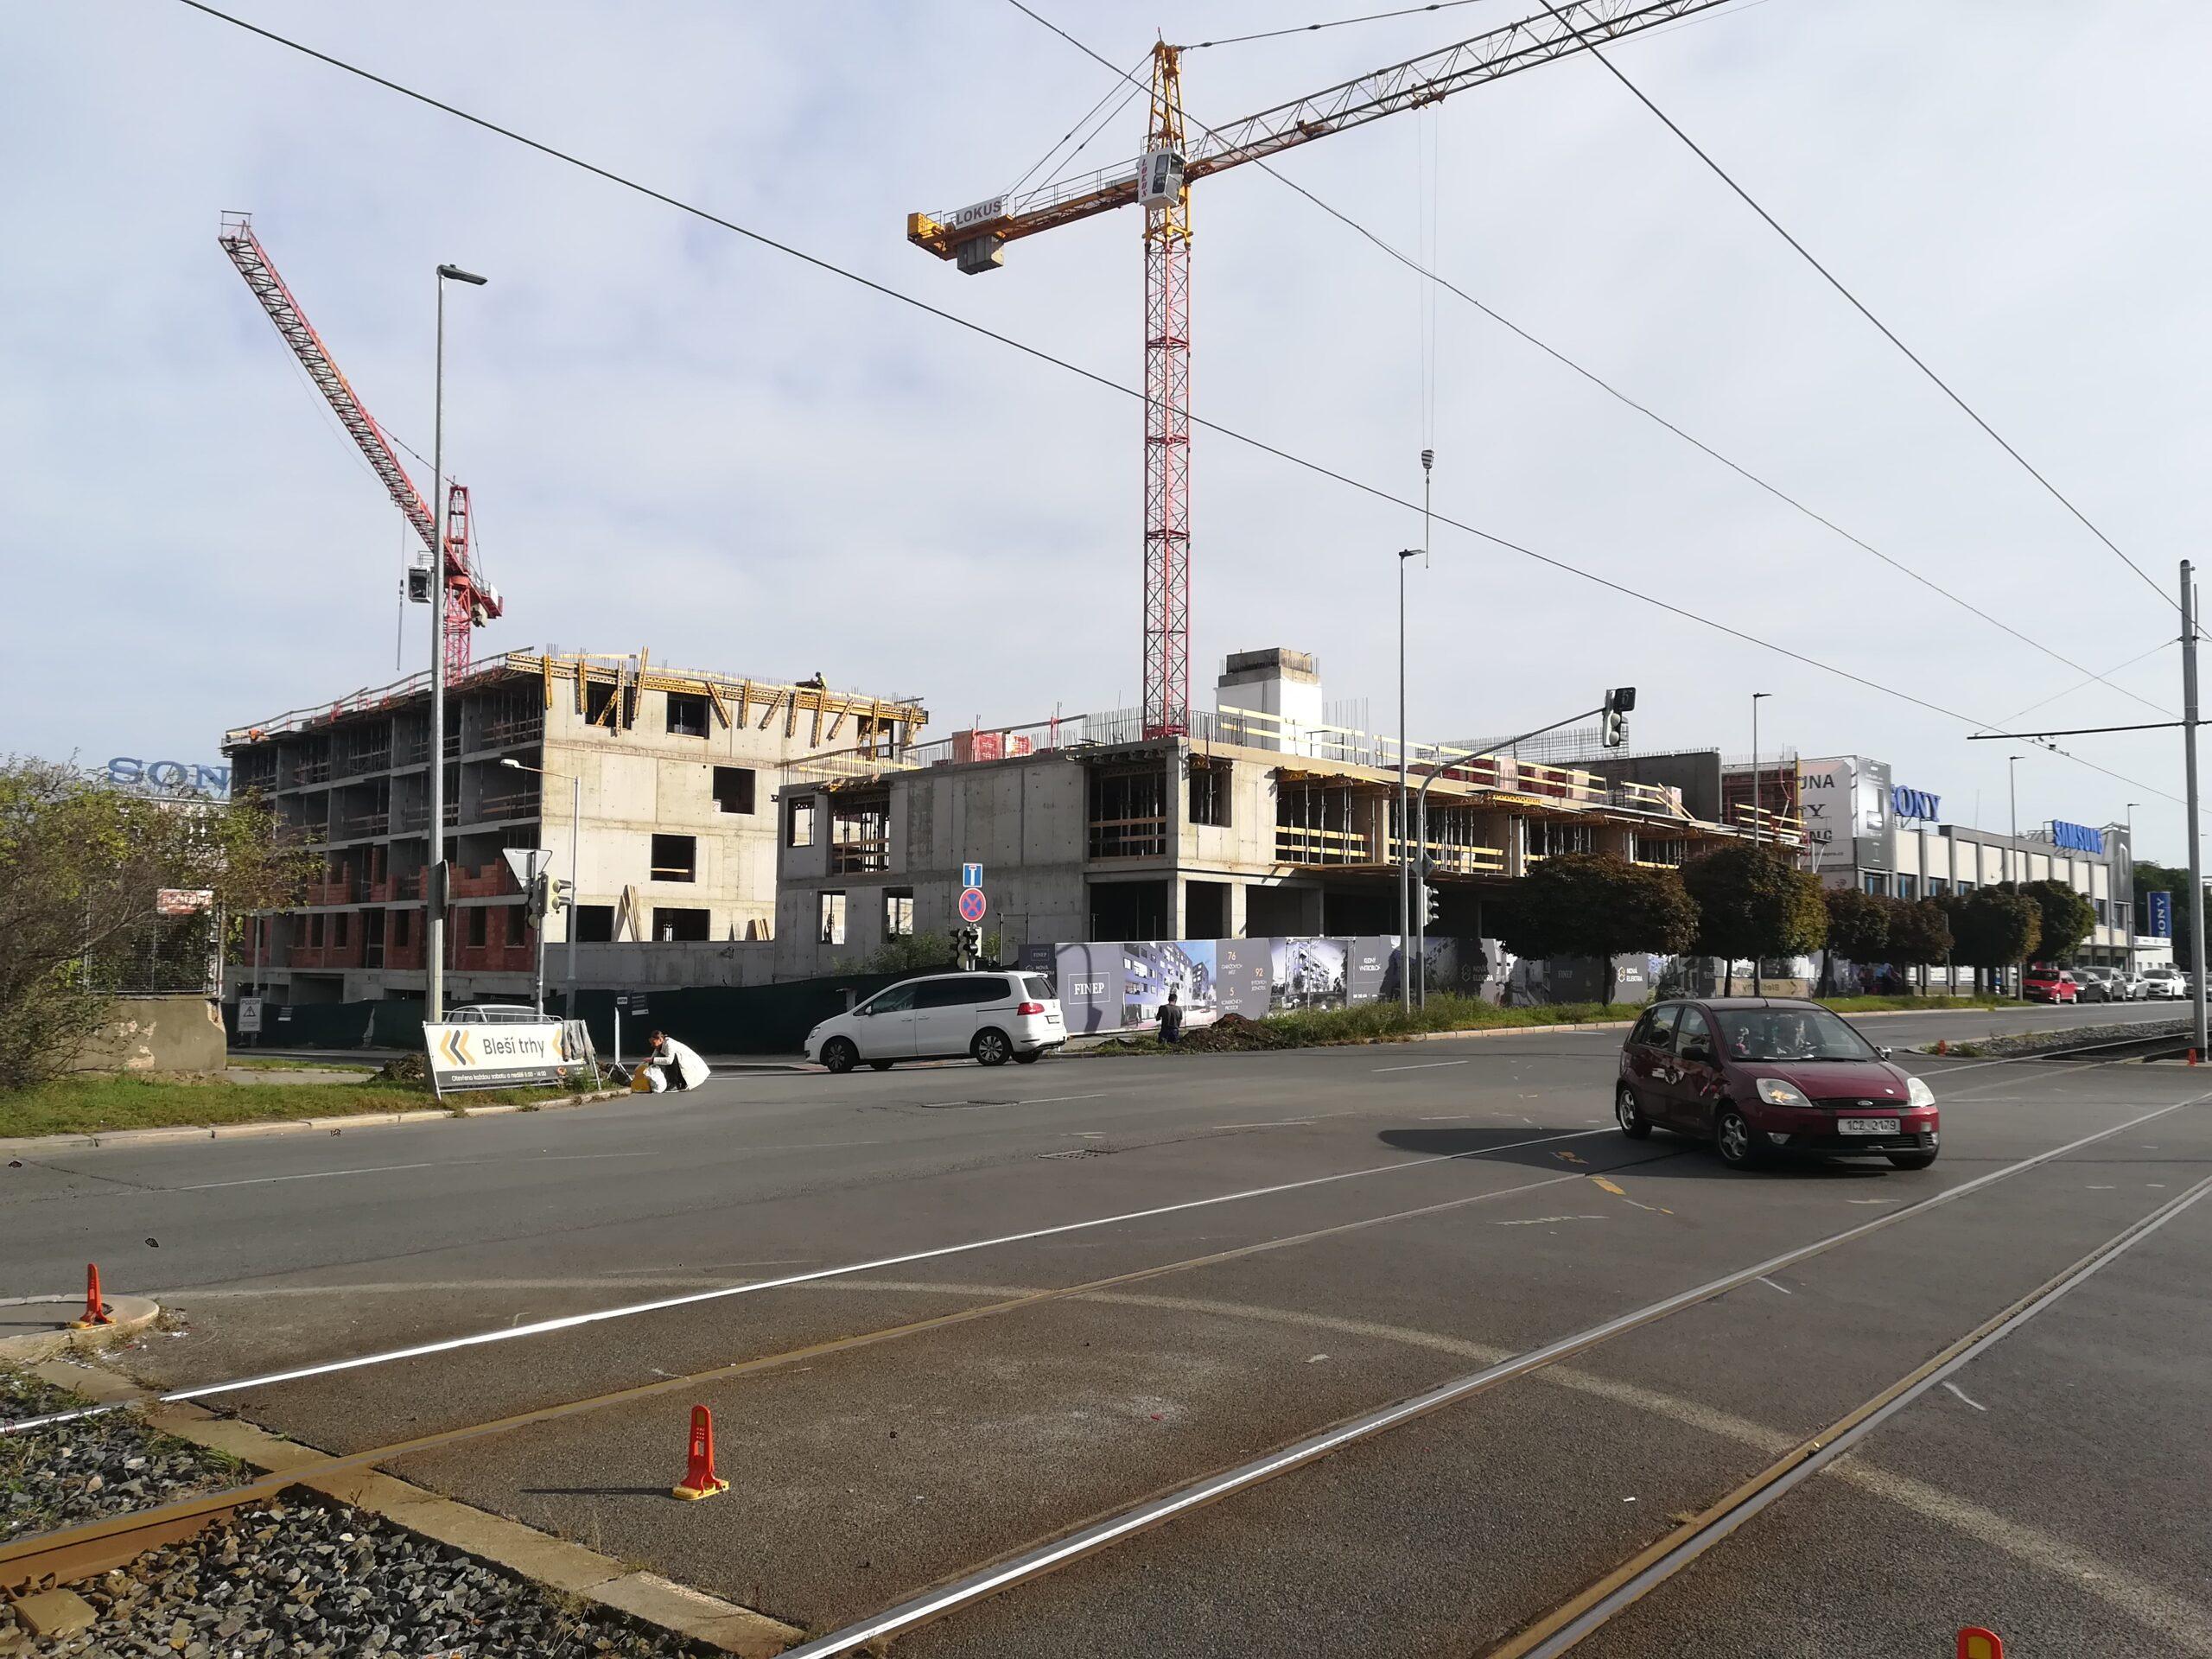 U zastávky Nová Elektra ve Vysočanech roste nový bytový dům